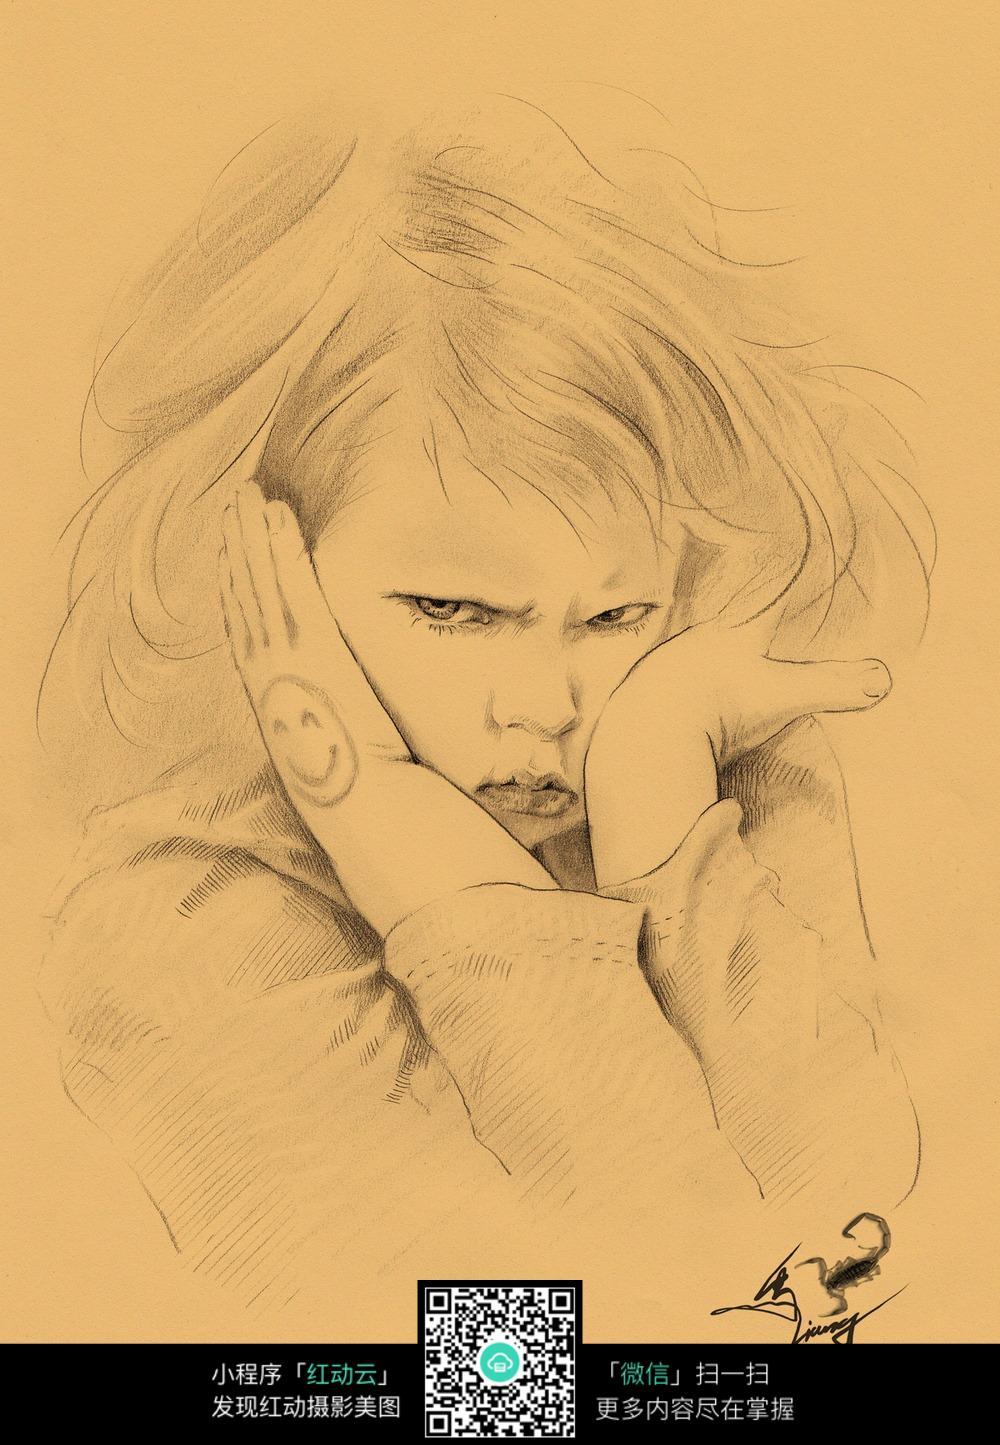 生气的孩子素描画